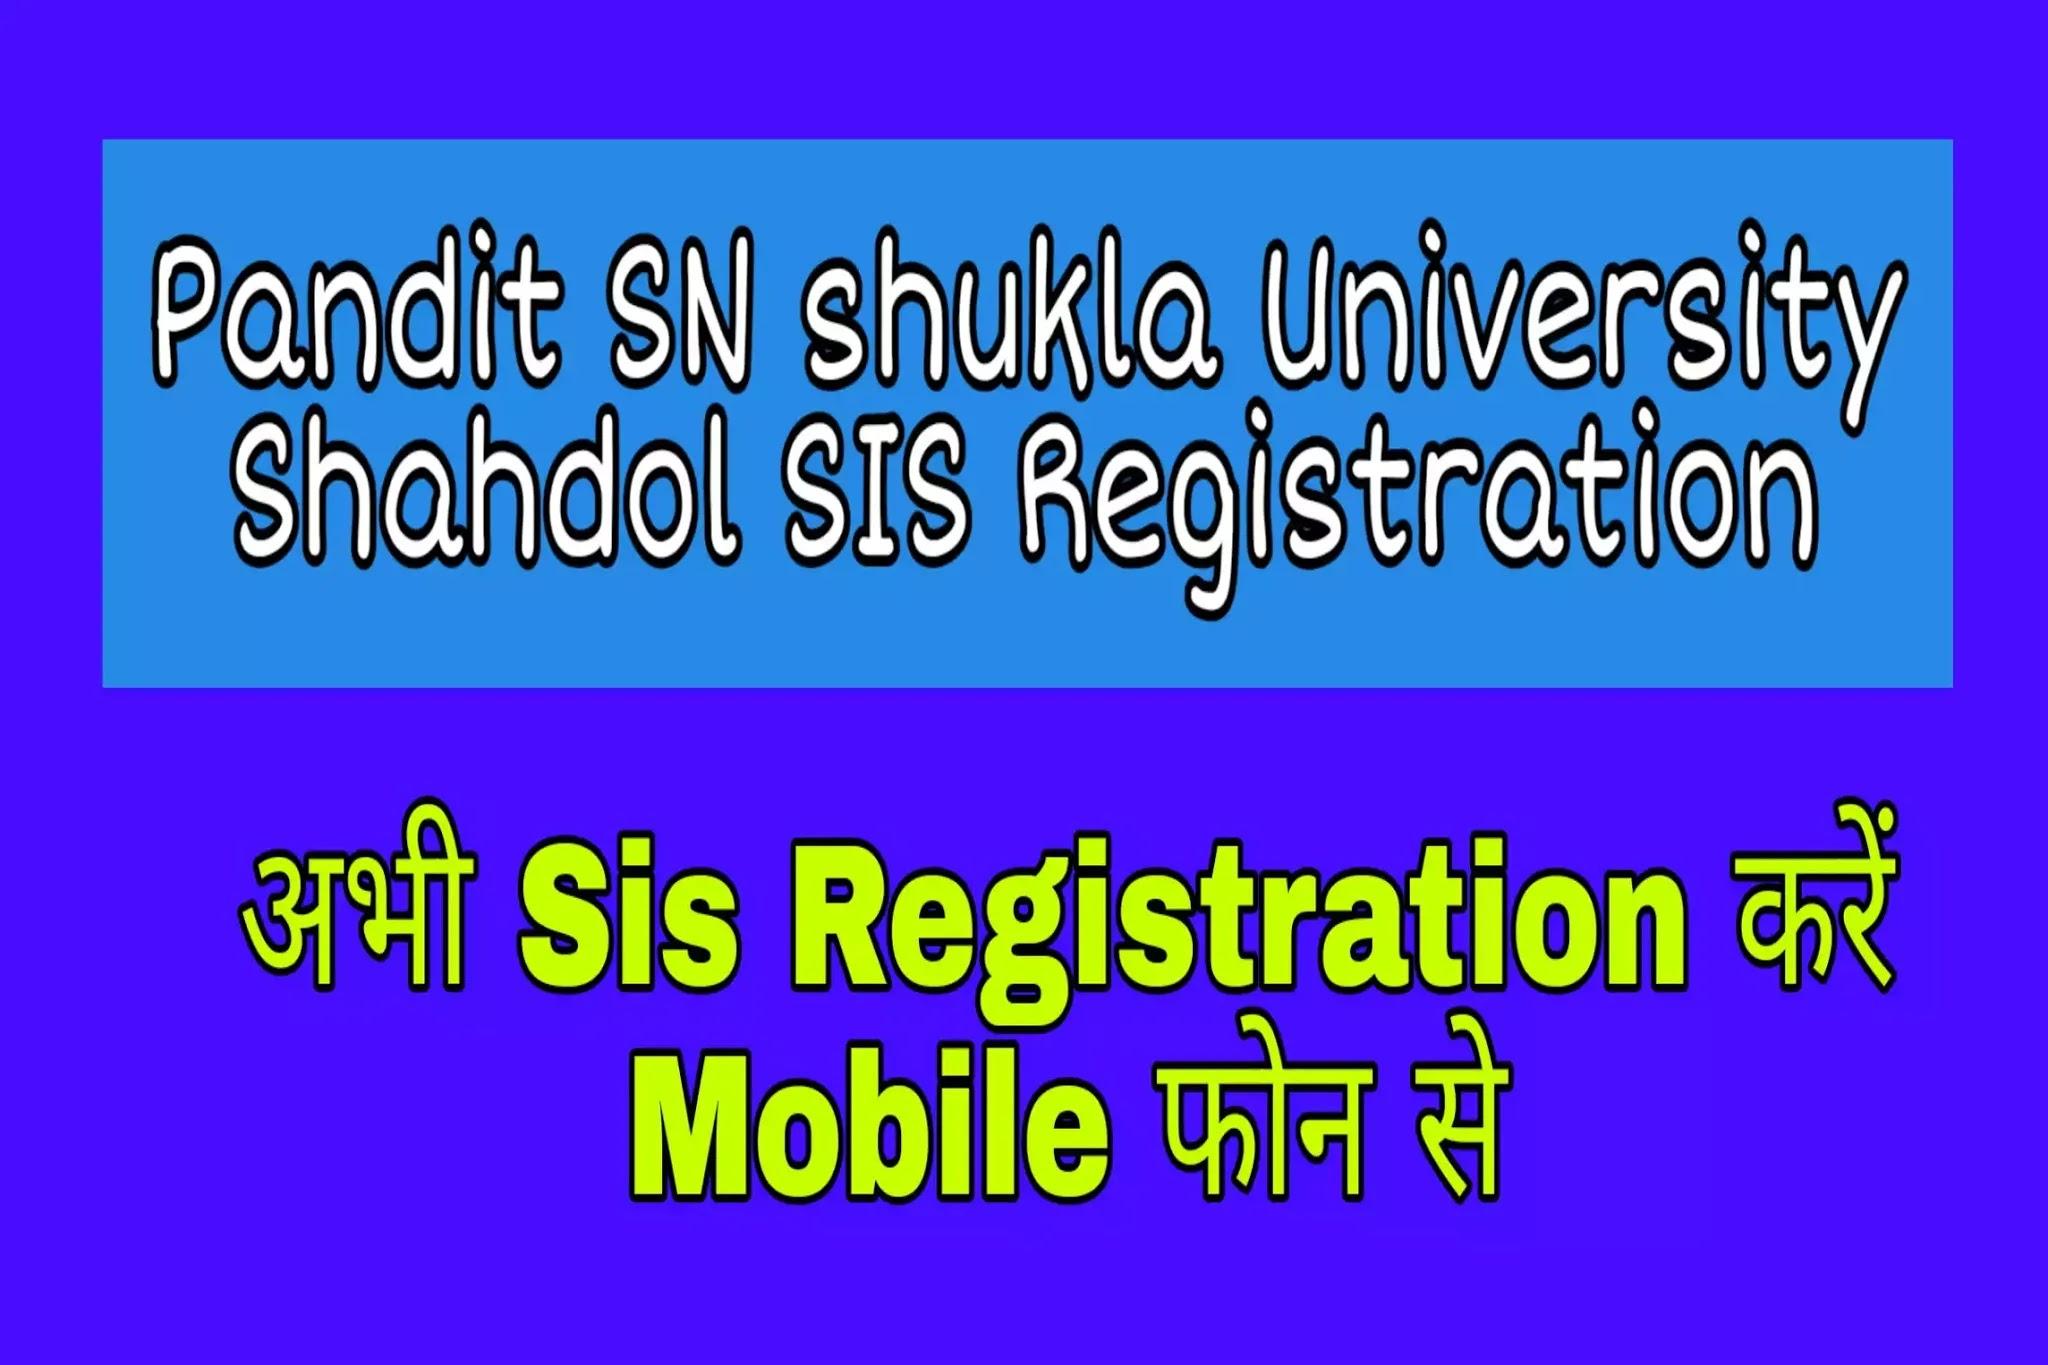 SIS Login Registration : Pandit SN Shukla University 2021, Ptsns University SIS Registration Online,विद्यार्थी परीक्षा में कैसे शामिल होंगे - How will